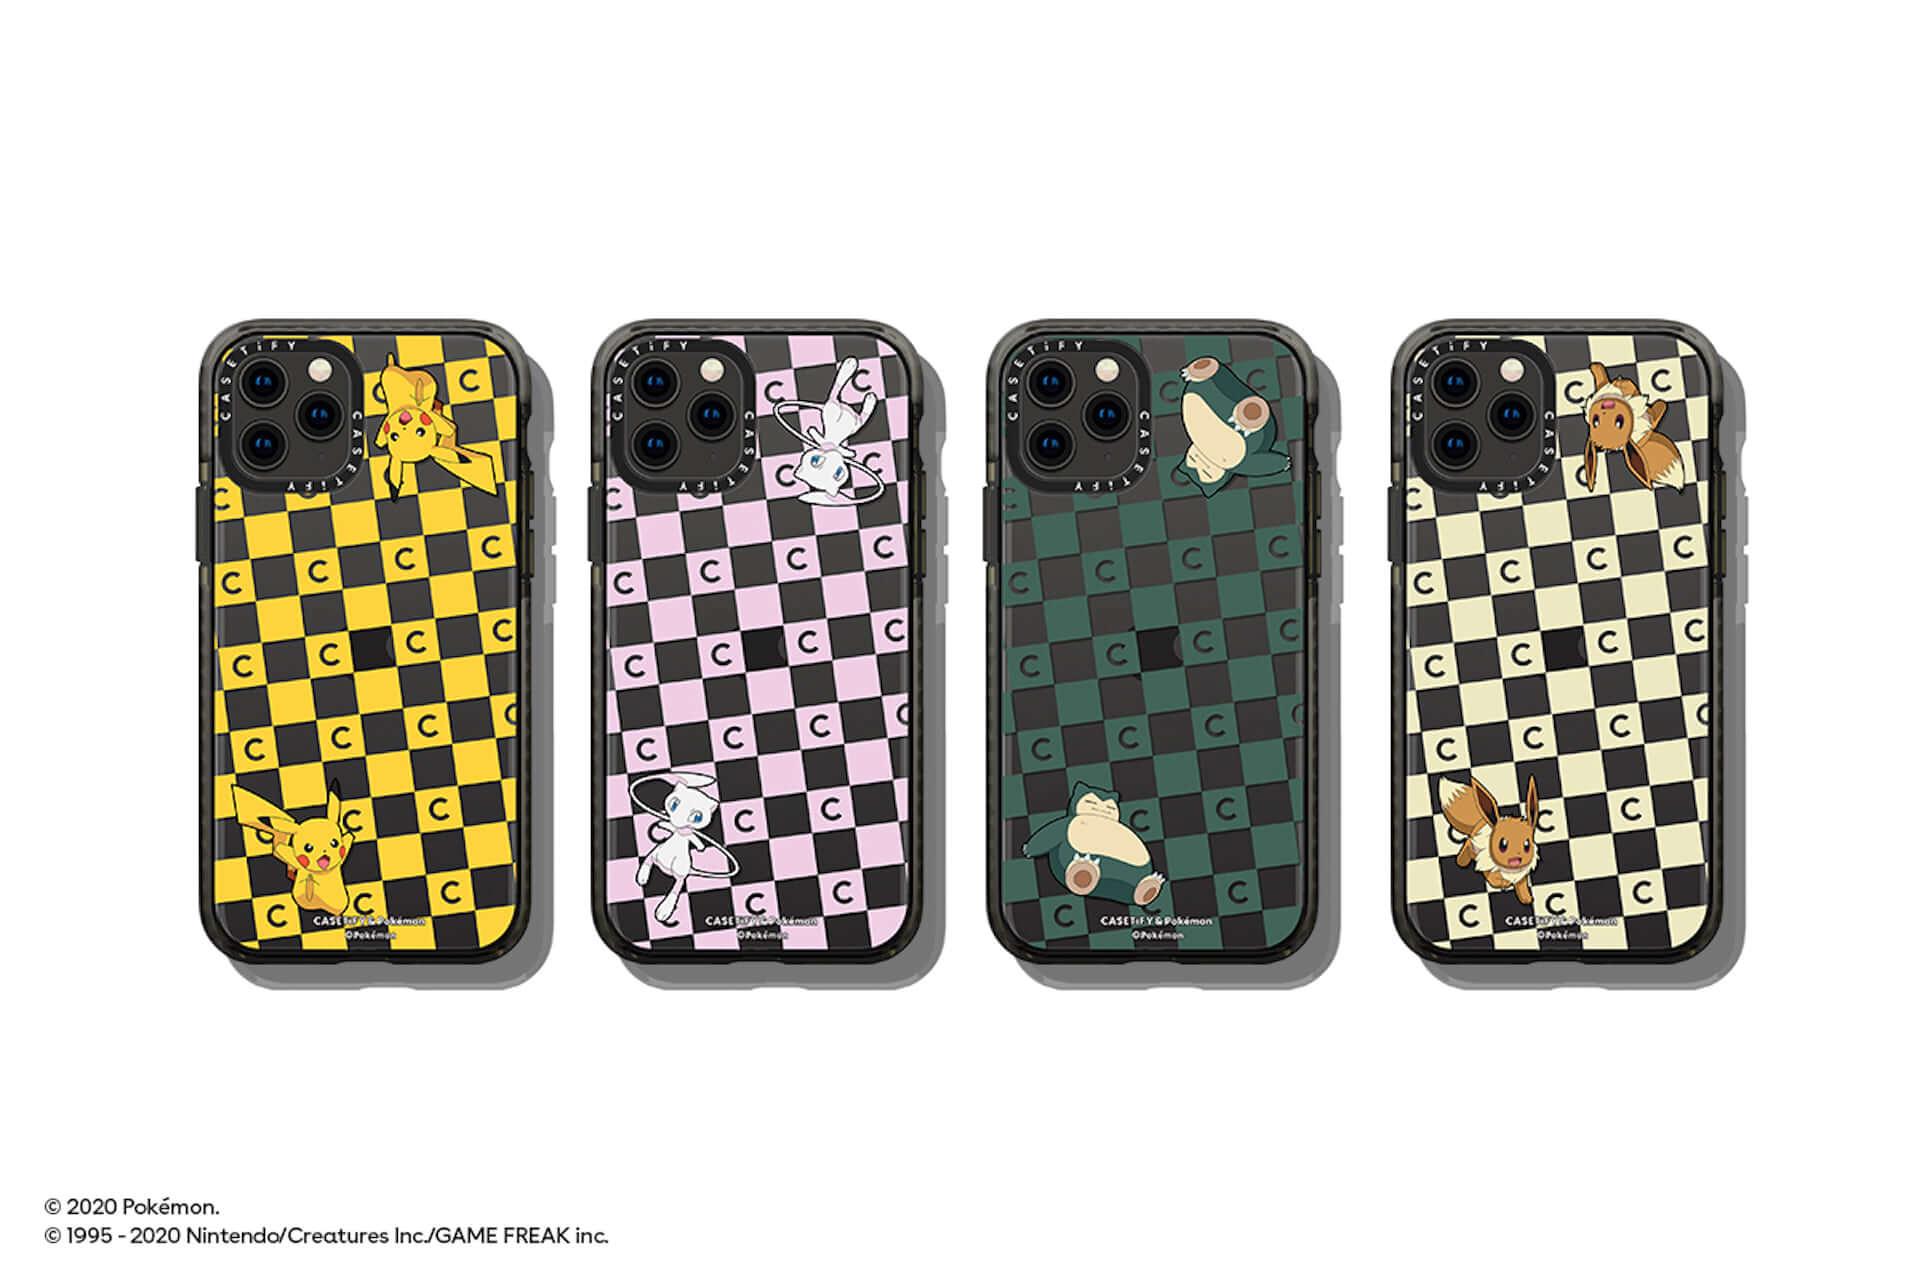 CASETiFYとポケモンの再タッグが実現!新コレクション第1弾にiPhoneケース、ワイヤレスチャージャー等が発売決定 tech200727_casetify-pokemon_15-1920x1280